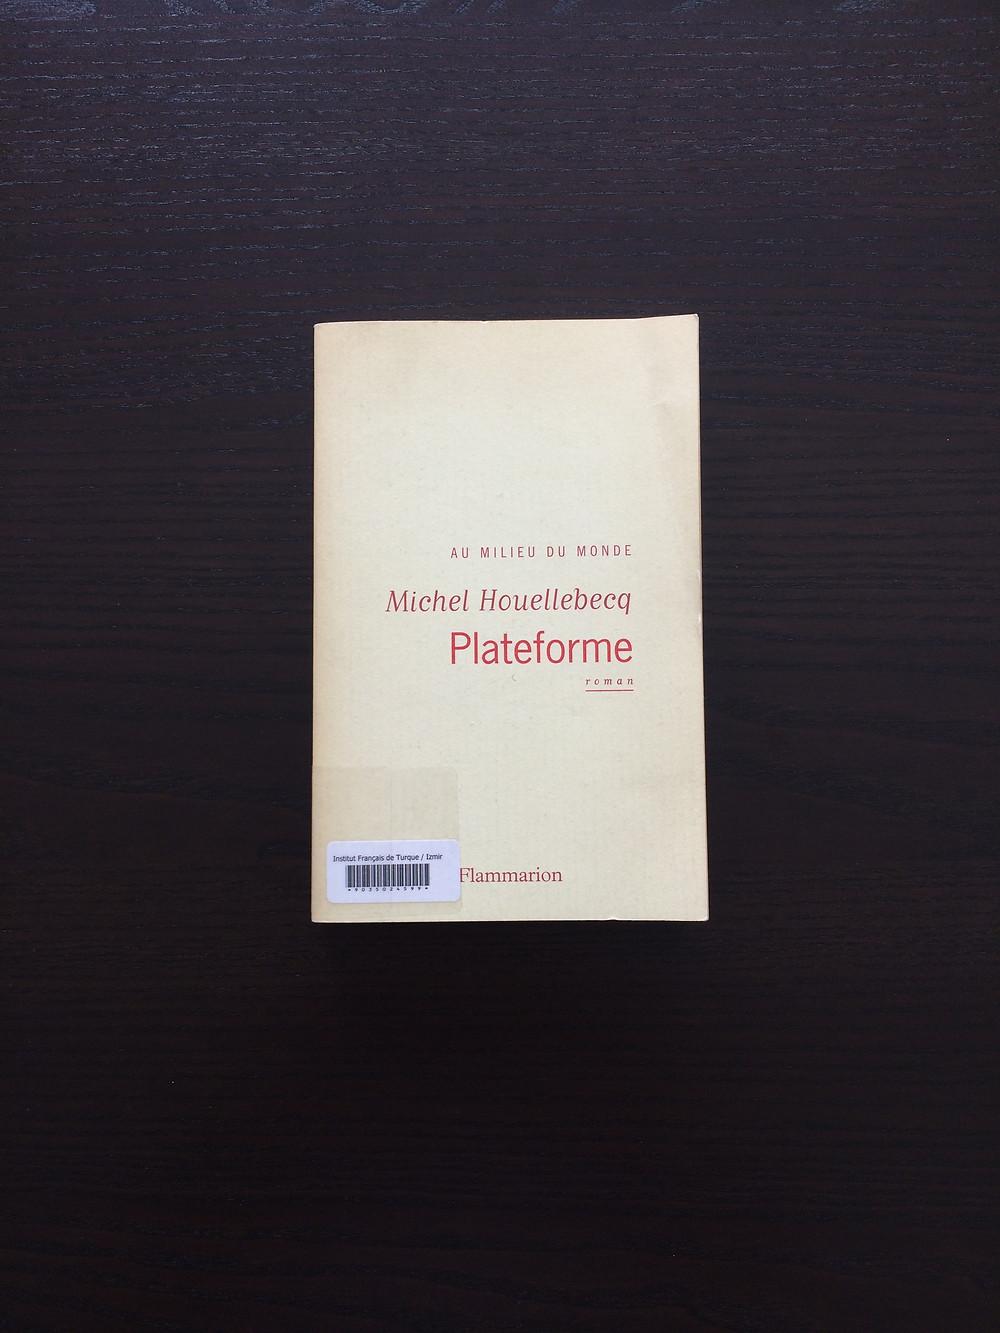 """Photo du livre """"Plateforme"""" de Michel Houellebecq (1)"""